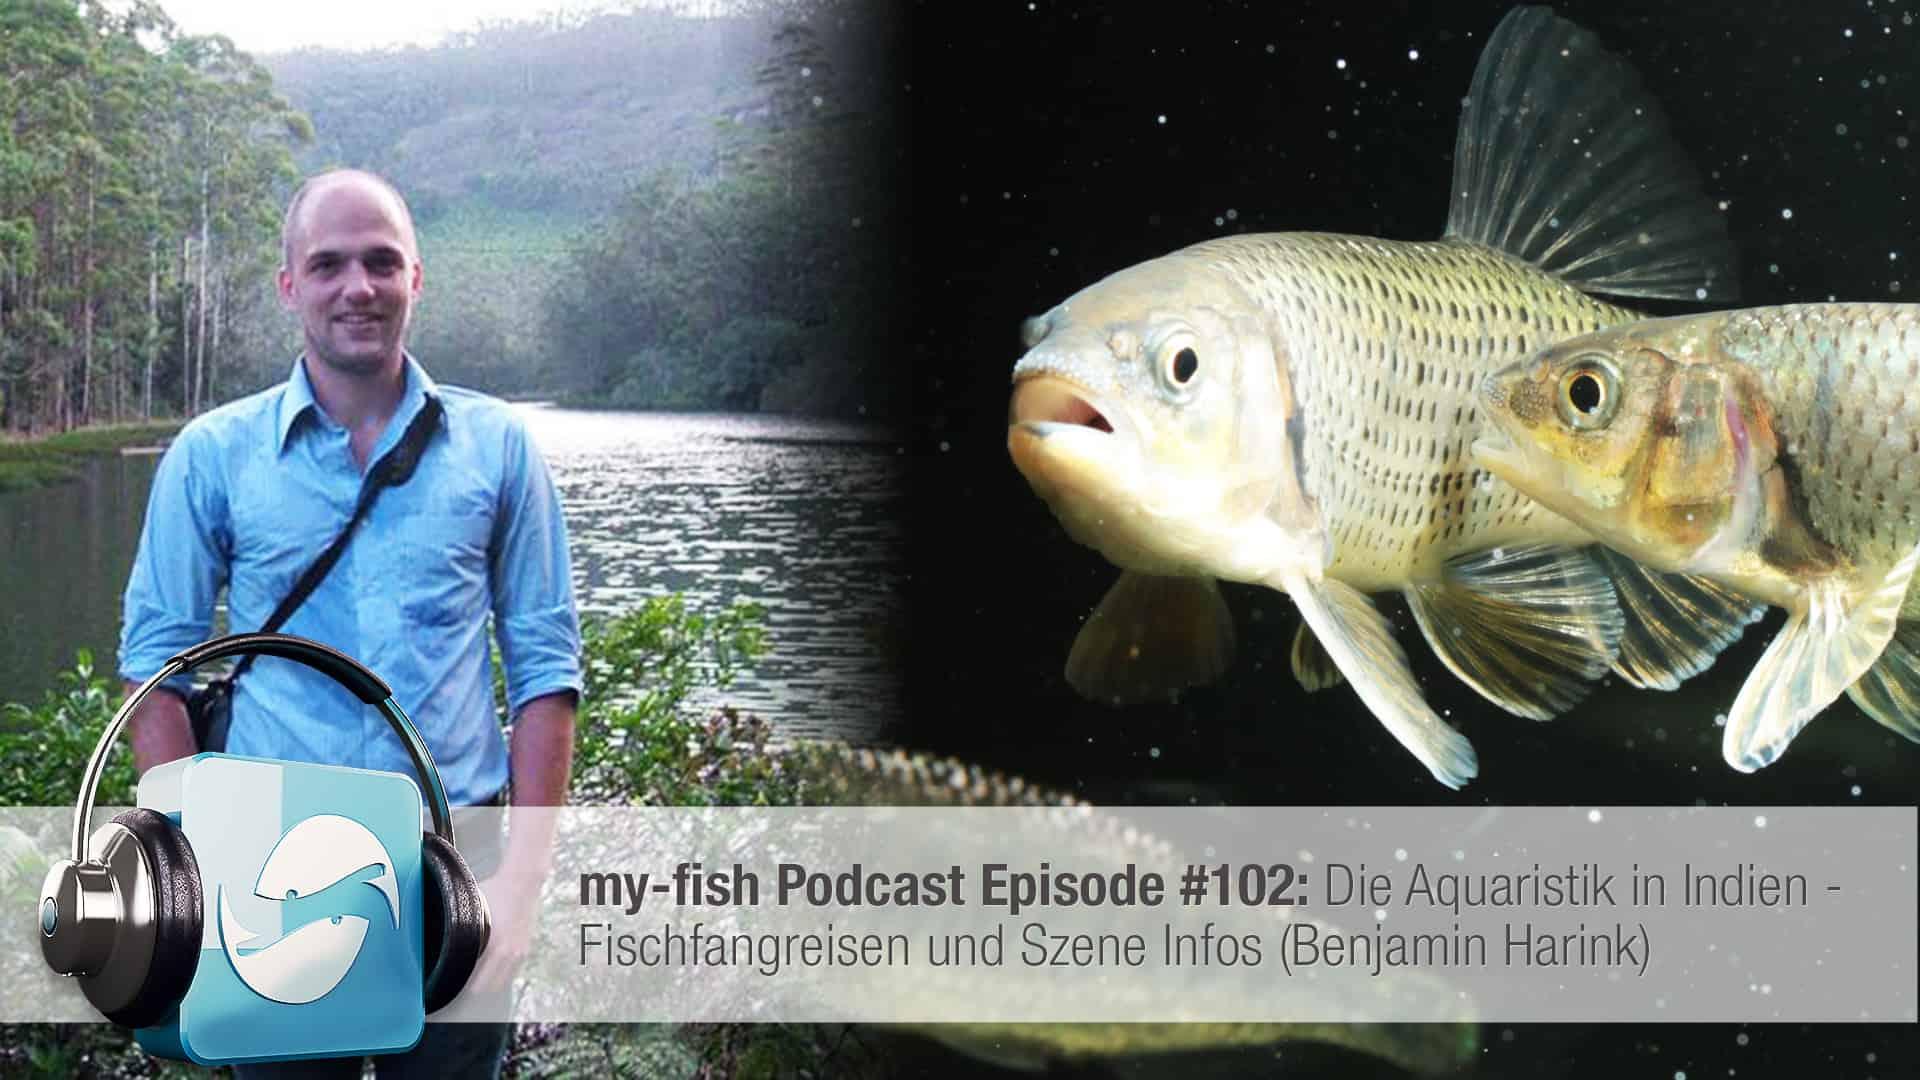 Podcast Episode #102: Die Aquaristik in Indien - Fischfangreisen und Szene Infos (Benjamin Harink) 1